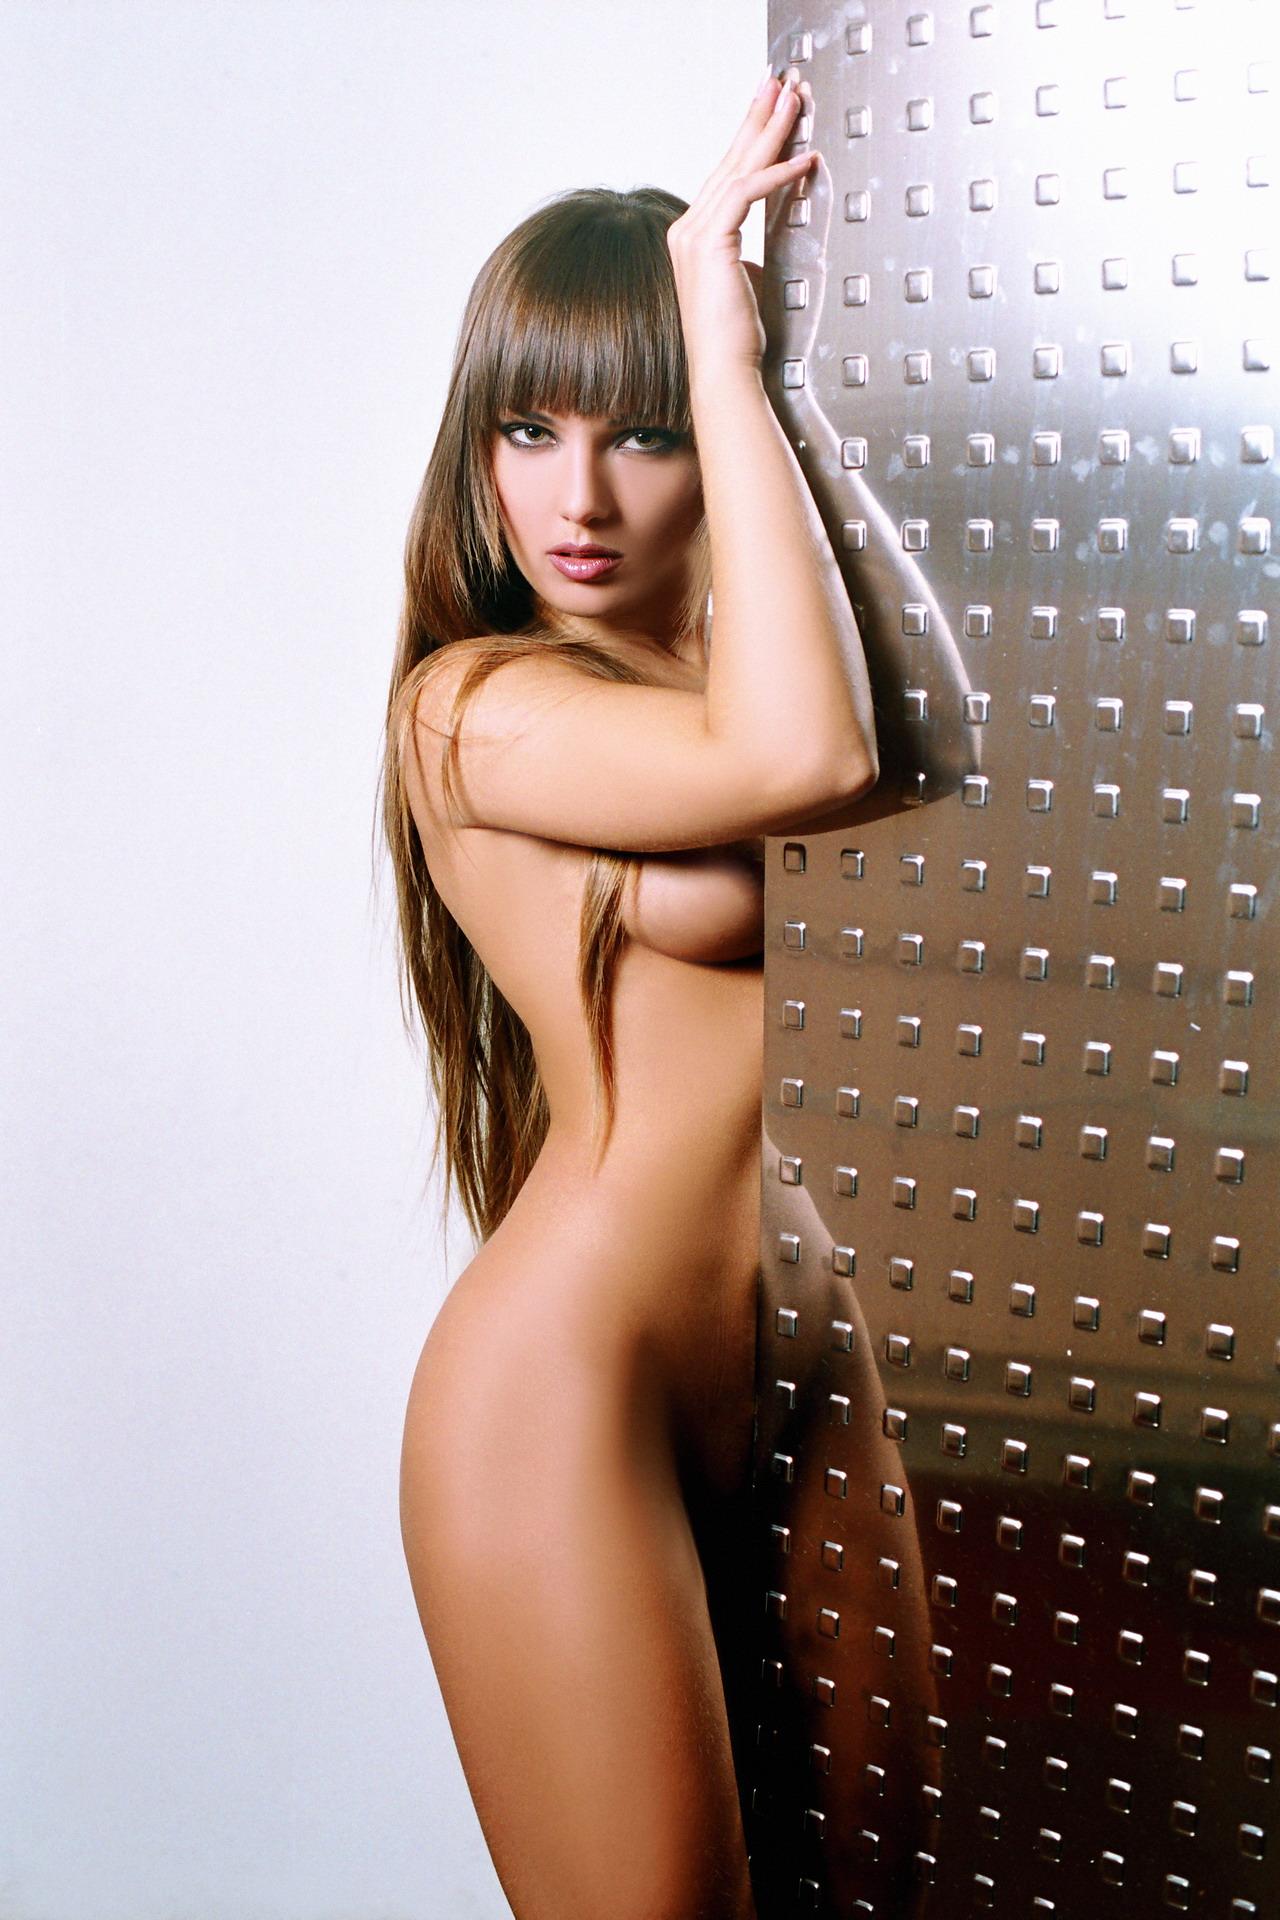 Рекламные фото голых девушек 25 фотография